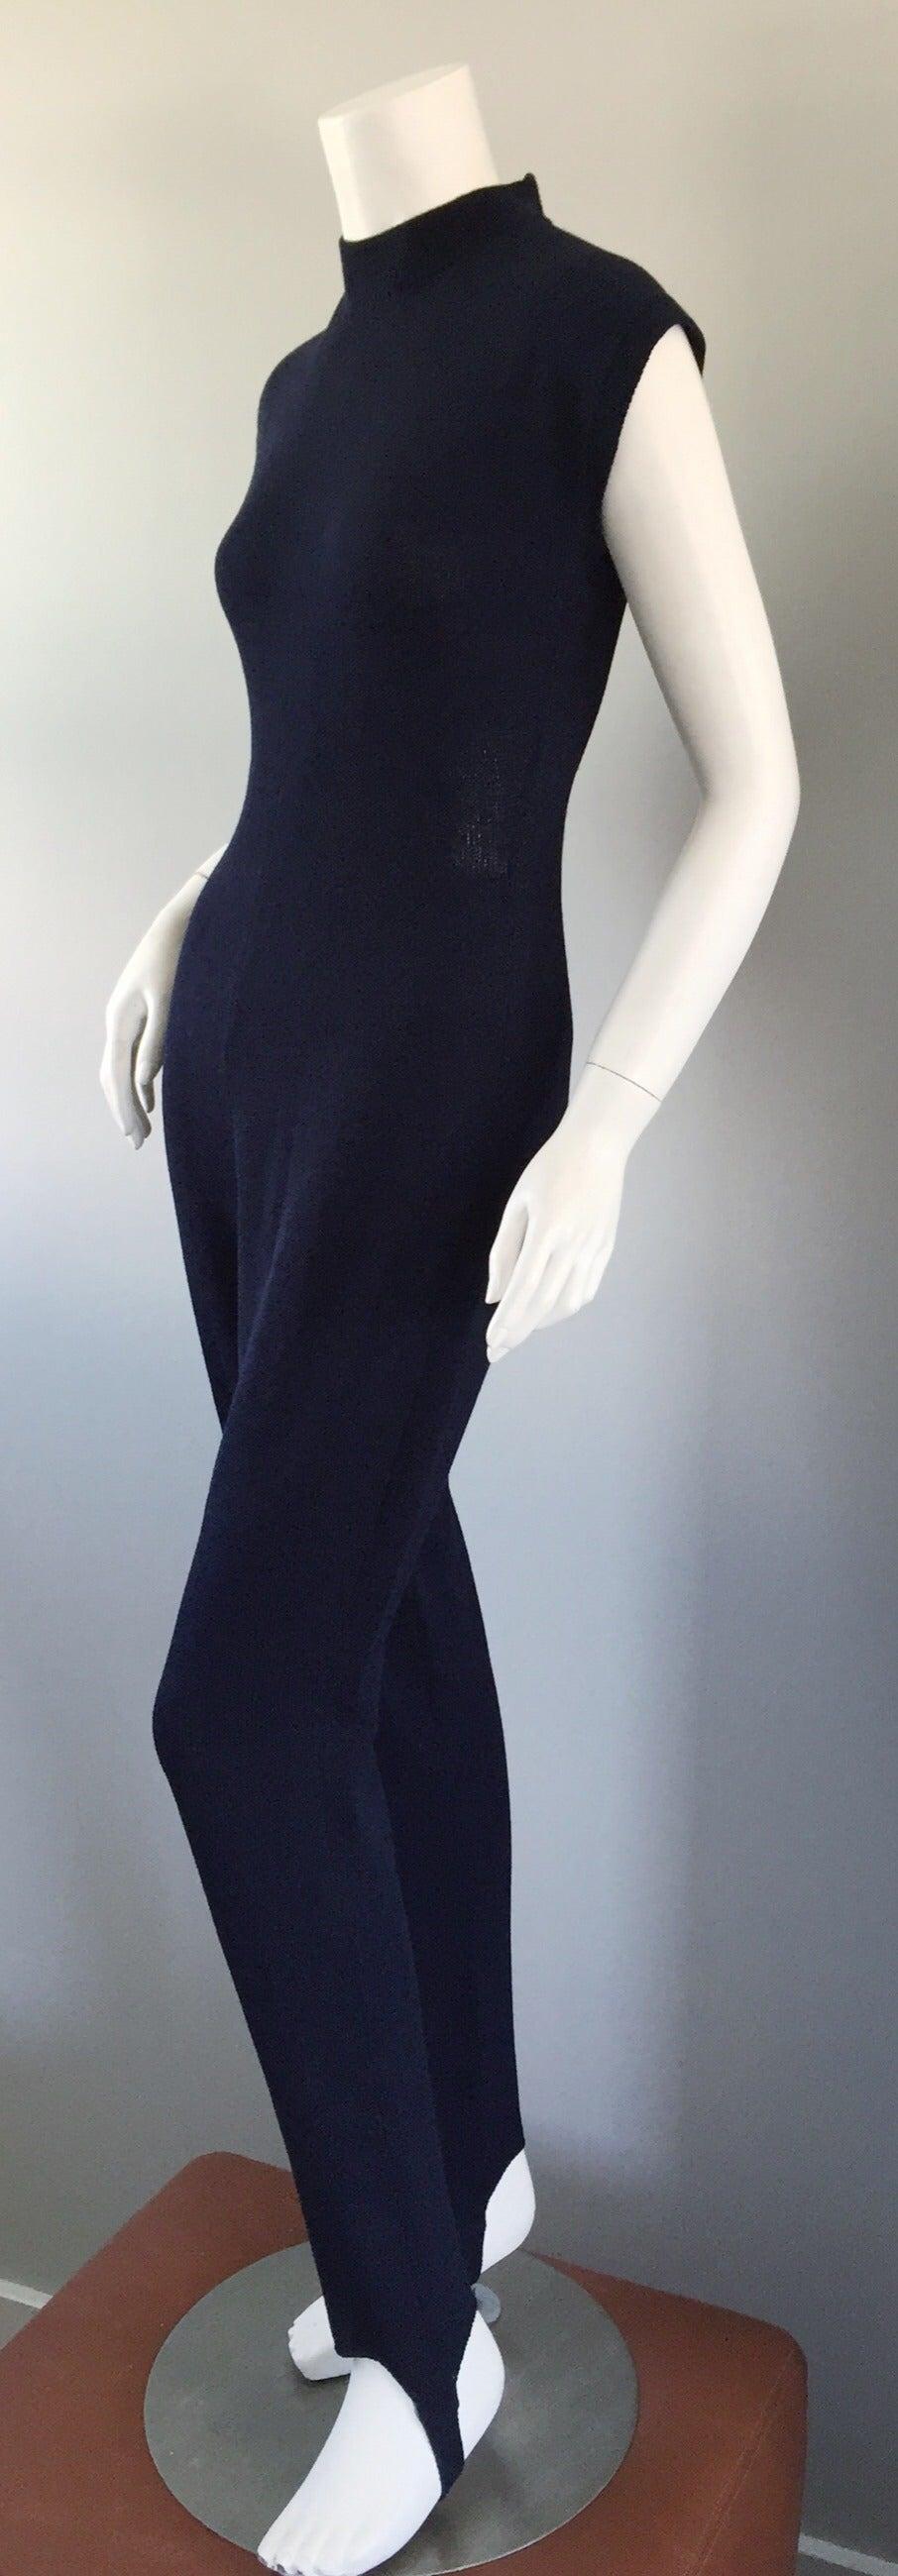 218eca927dbd Black Vintage St. John by Marie Gray Navy Blue Santana Knit Jumpsuit w   Stirrup